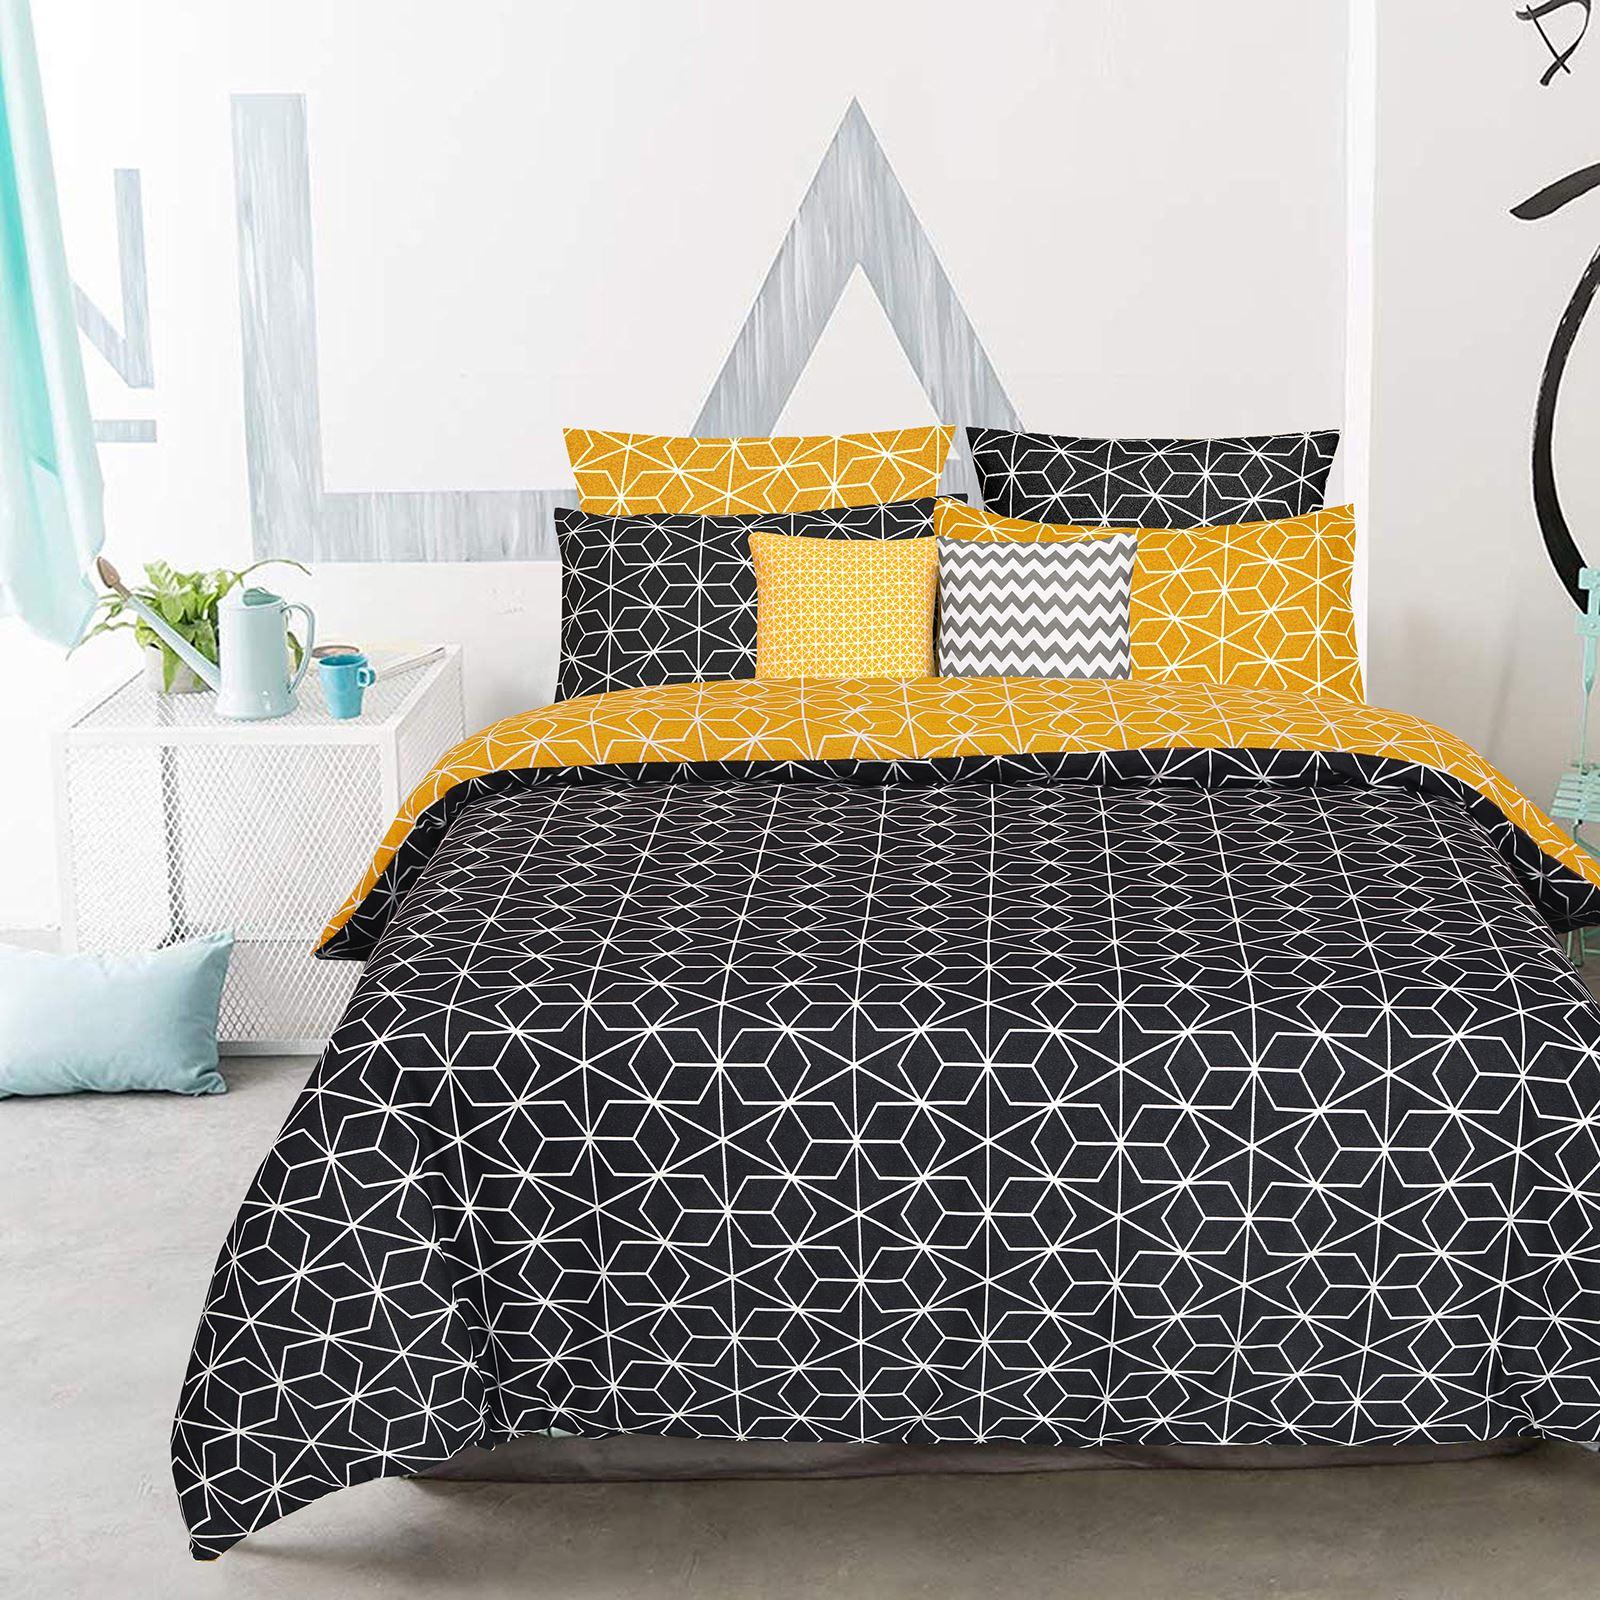 Geometrique-Housse-De-Couette-100-Coton-Couette-Douce-Literie-Simple-Double-King-Taille miniature 11